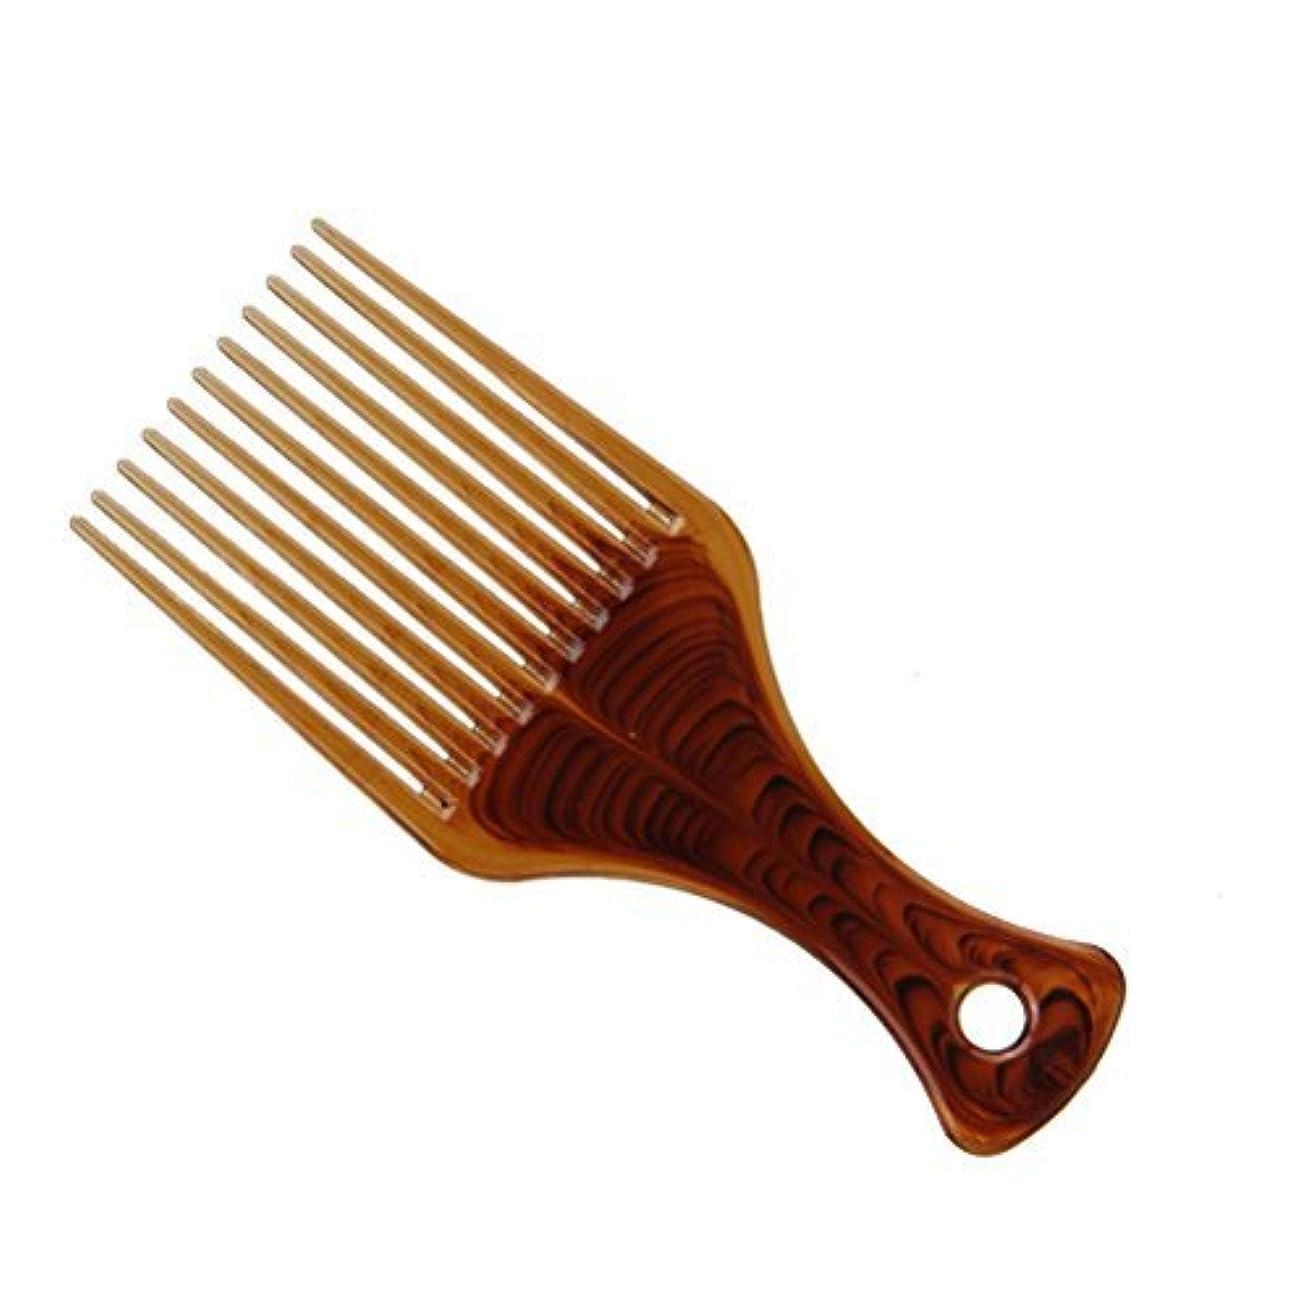 ソーダ水ドライブ割り当てFrcolor Hair Pick Comb, Smooth No Frizz Afro Hair Lift Pick Comb for Hairstyle [並行輸入品]